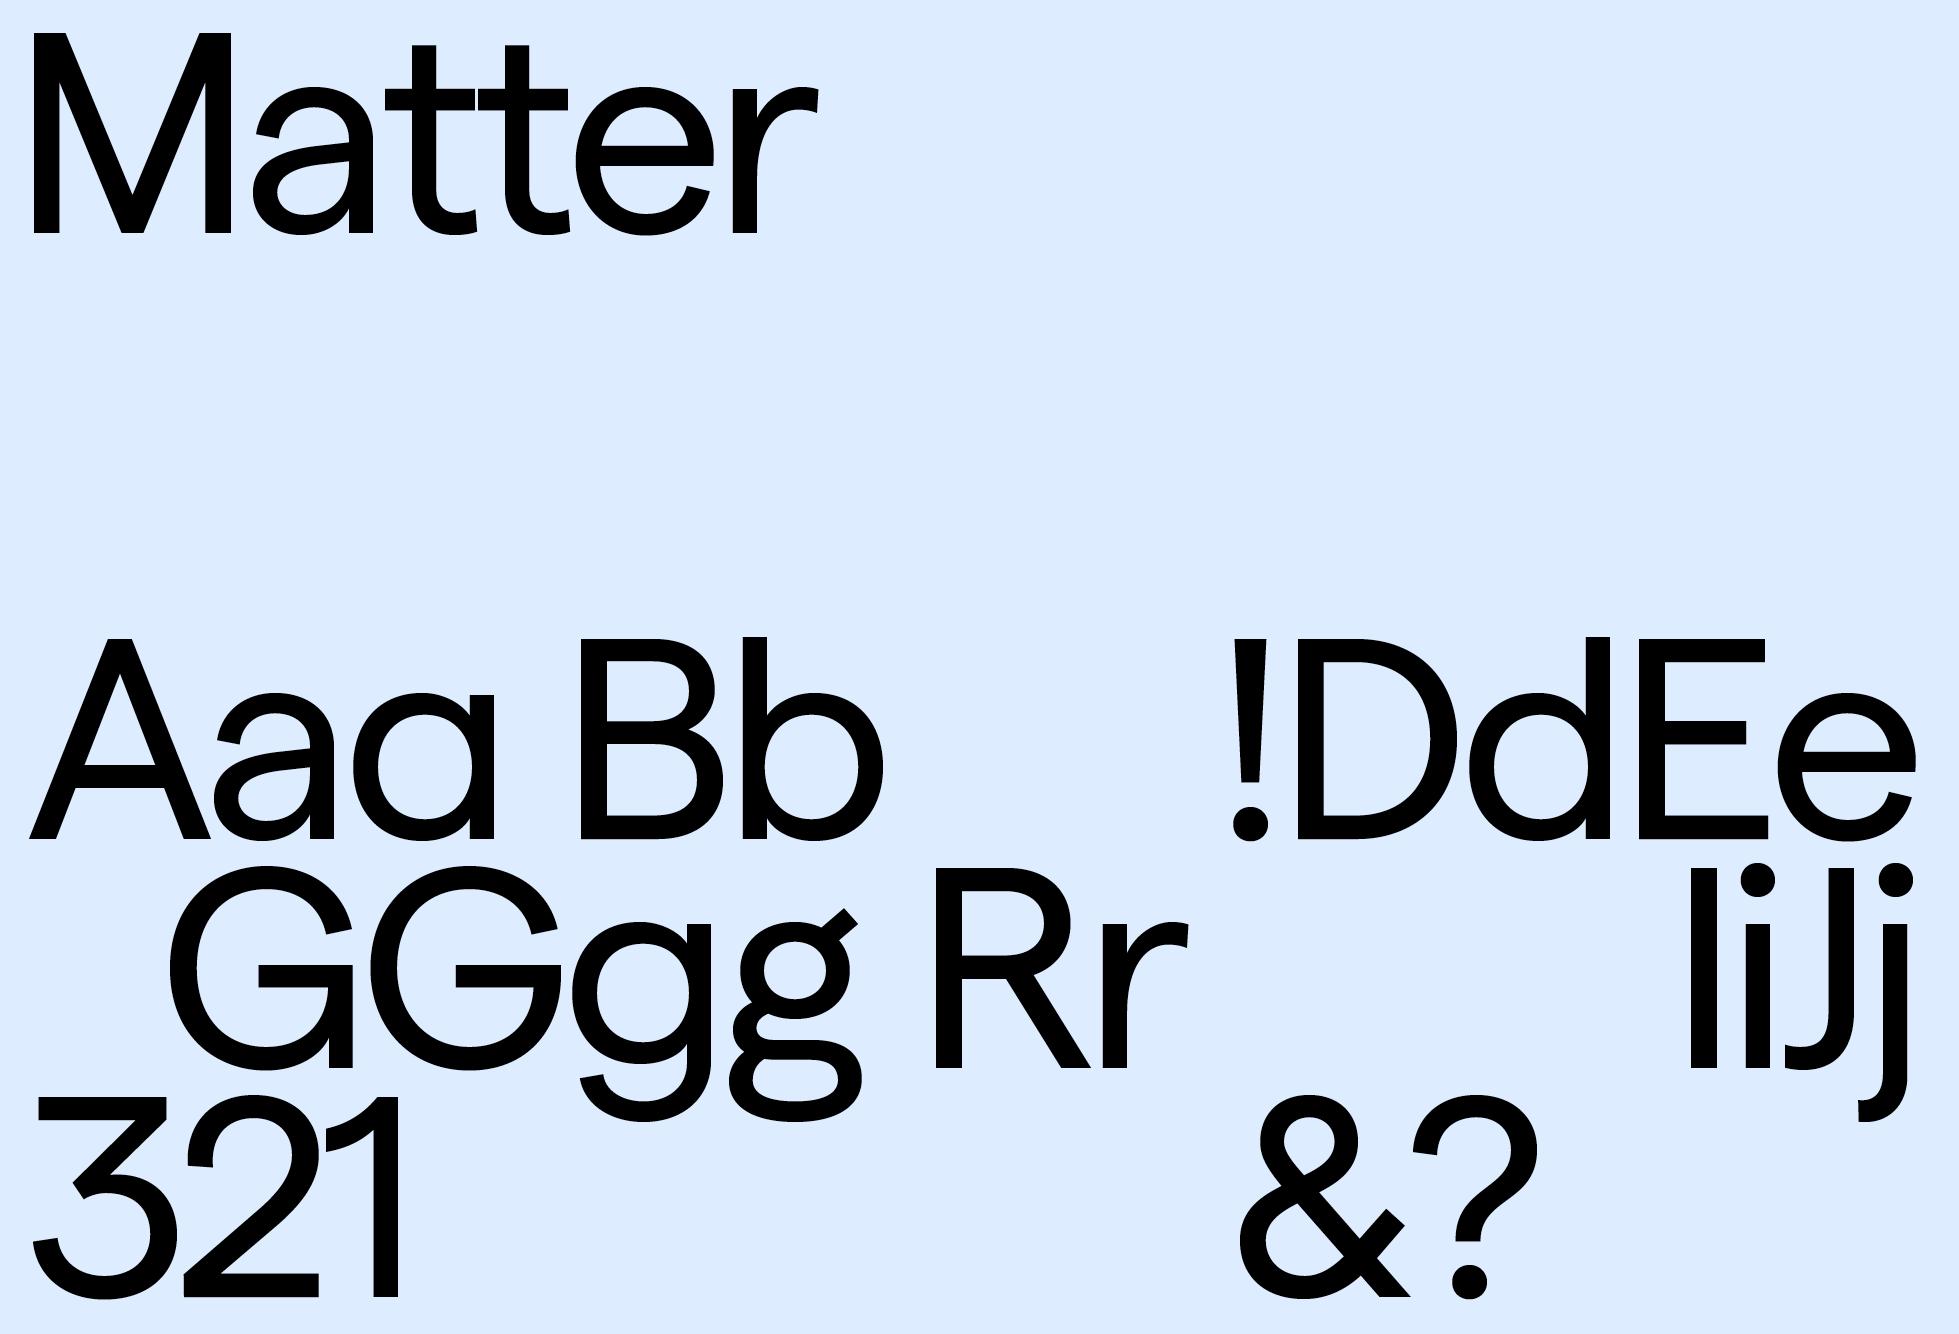 Matter Regular